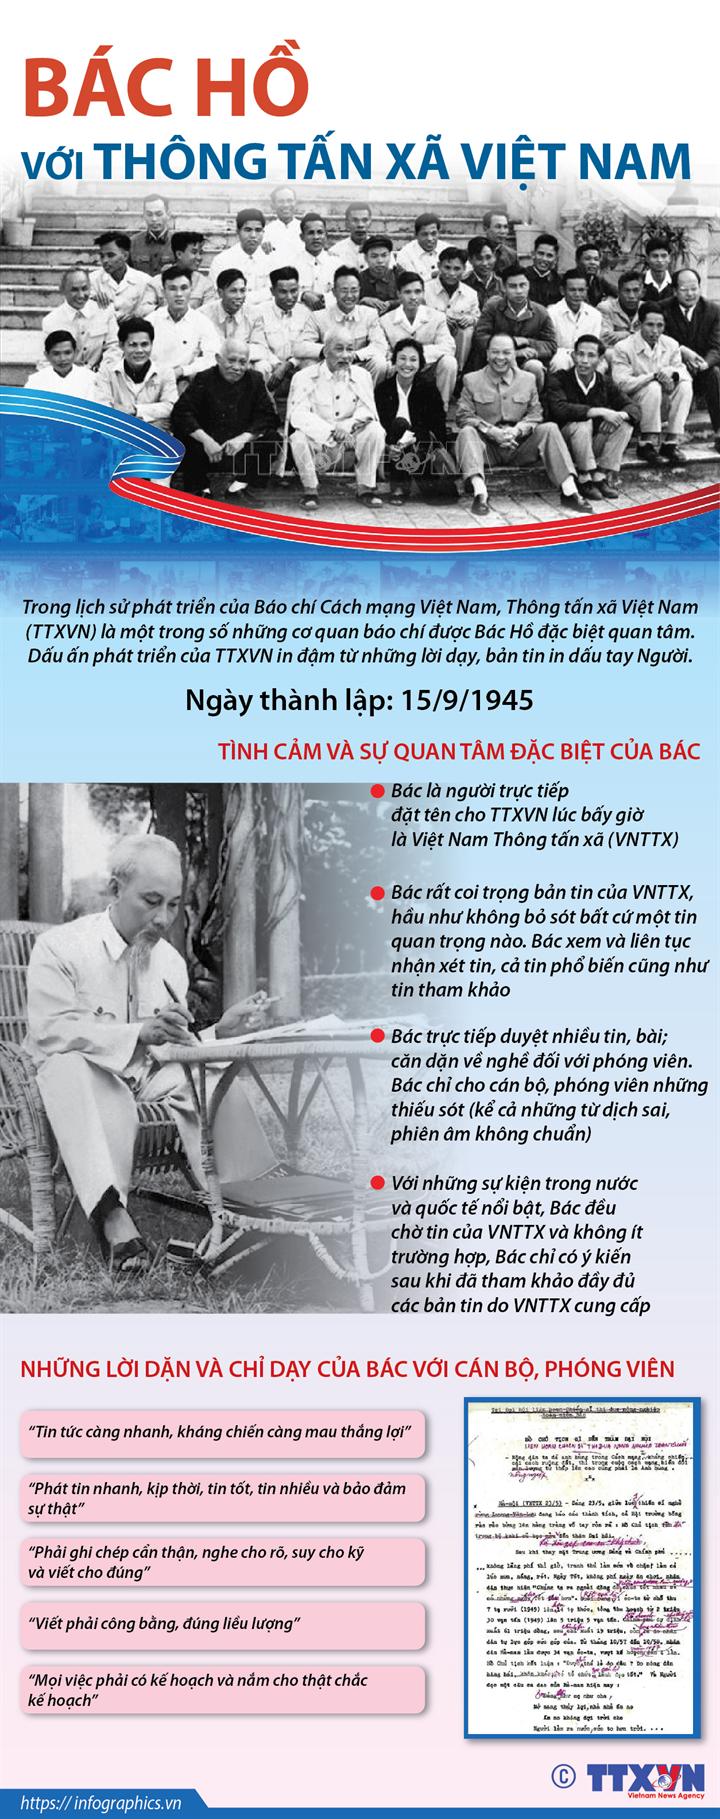 Bác Hồ với Thông tấn xã Việt Nam